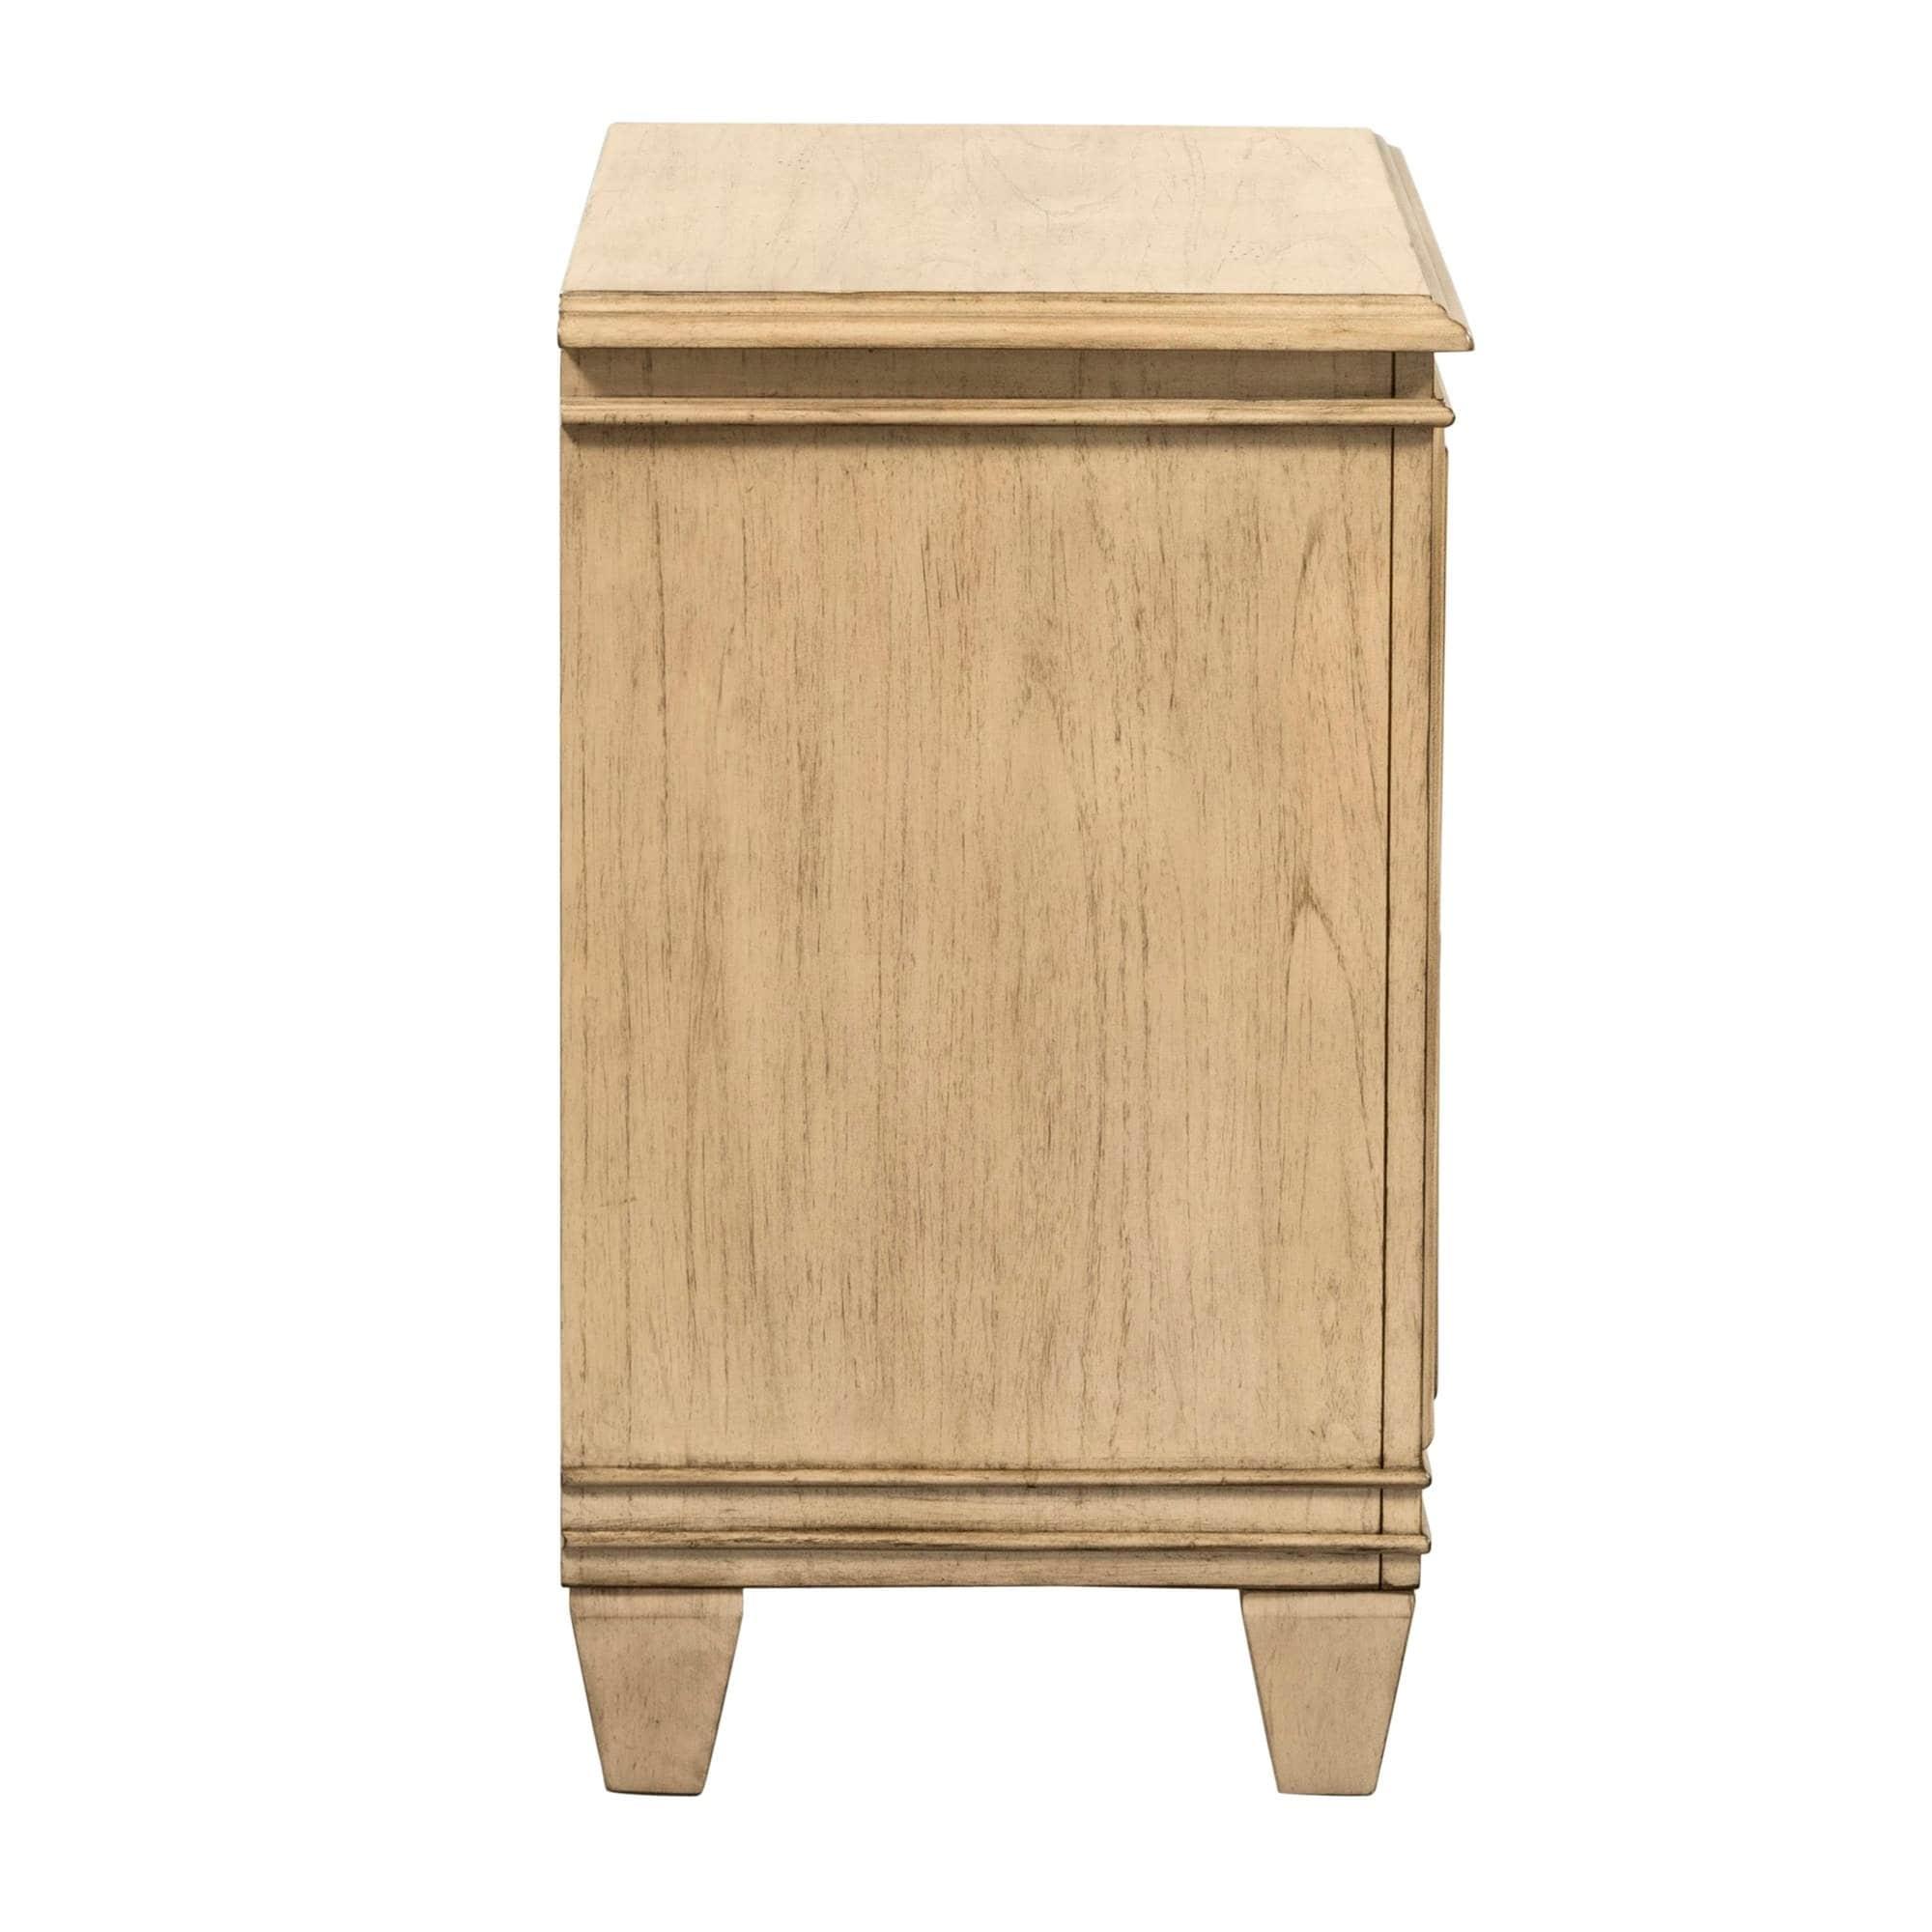 Grayton Grove Driftwood 2-Drawer Nightstand